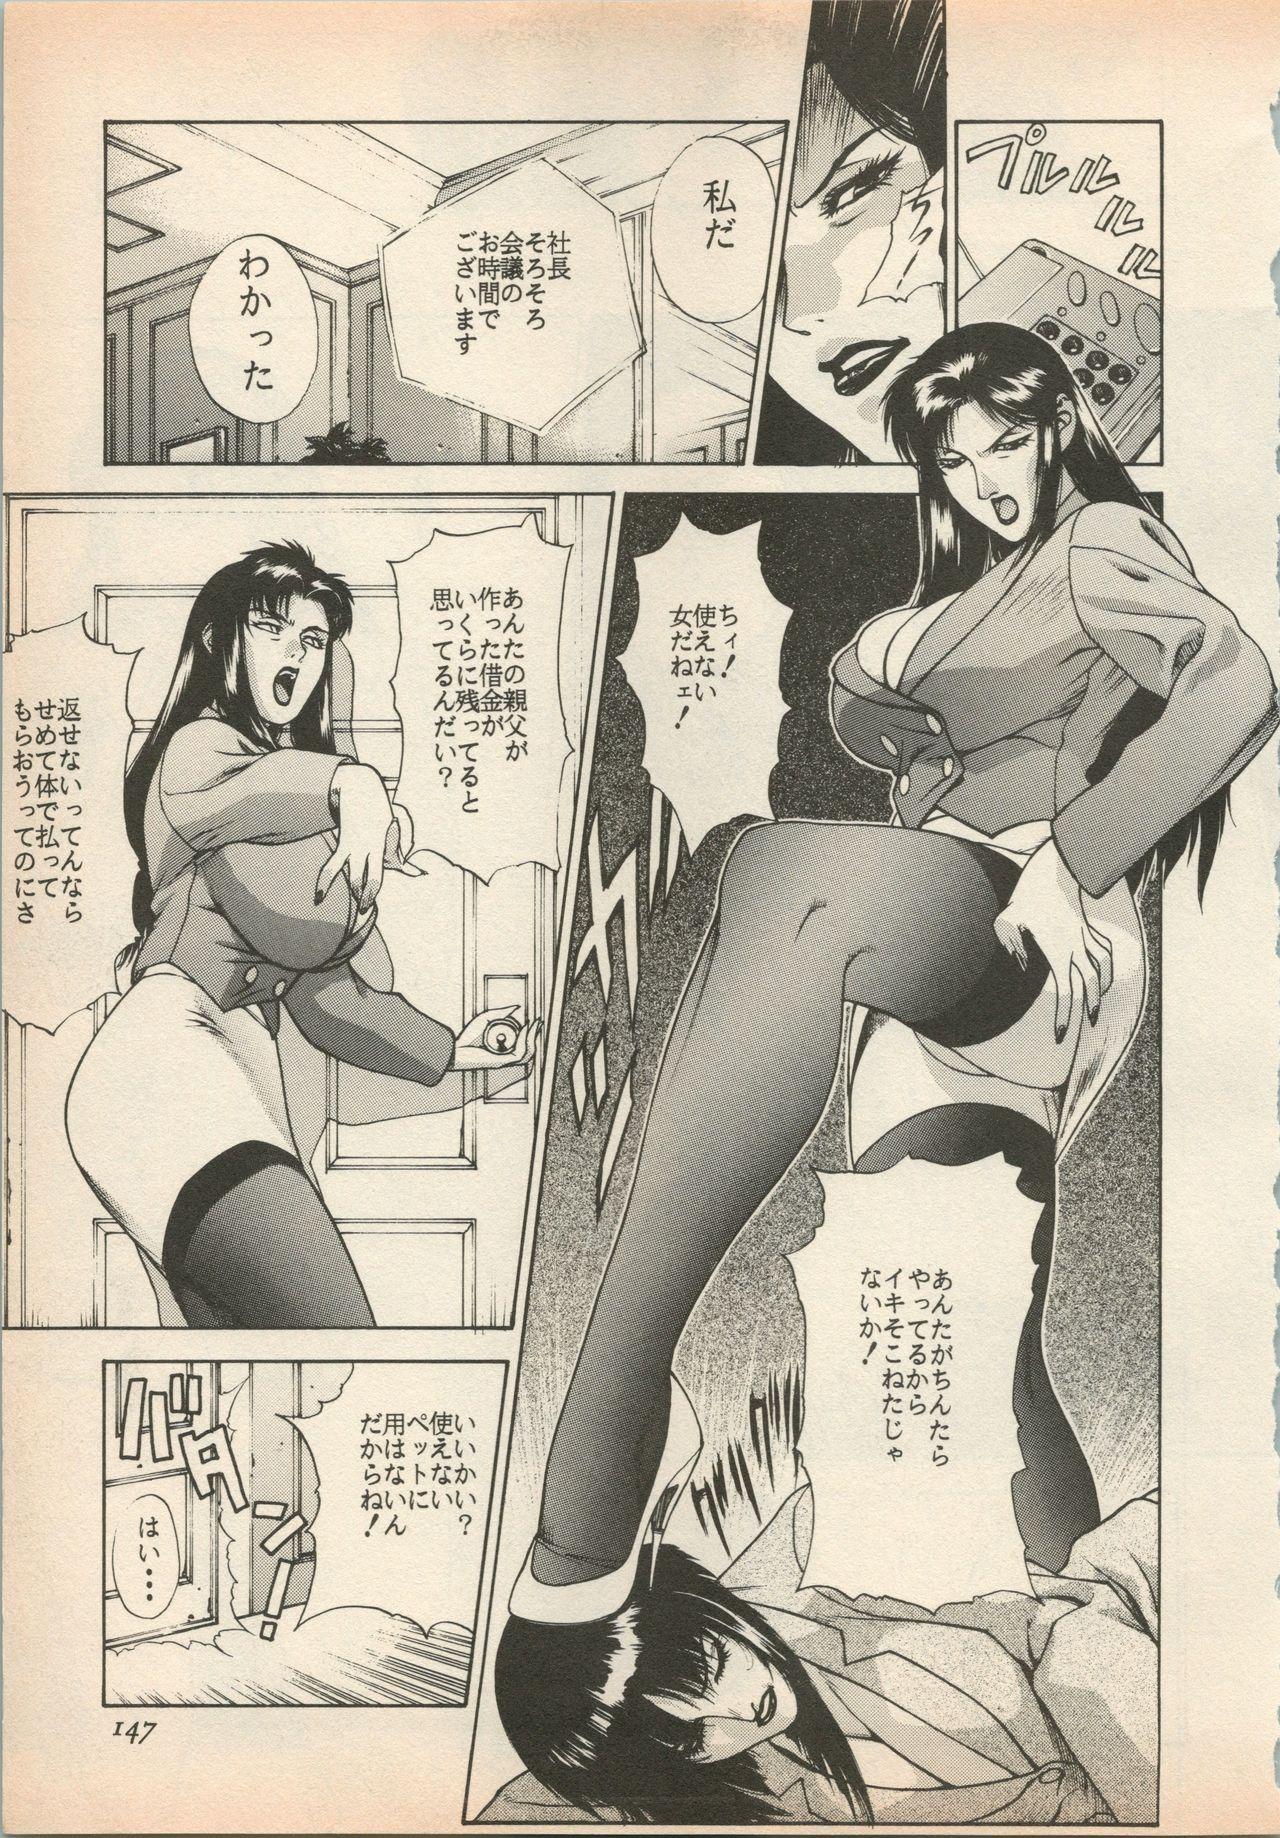 Shin Bishoujo Shoukougun 5 Fukkatsu hen 149